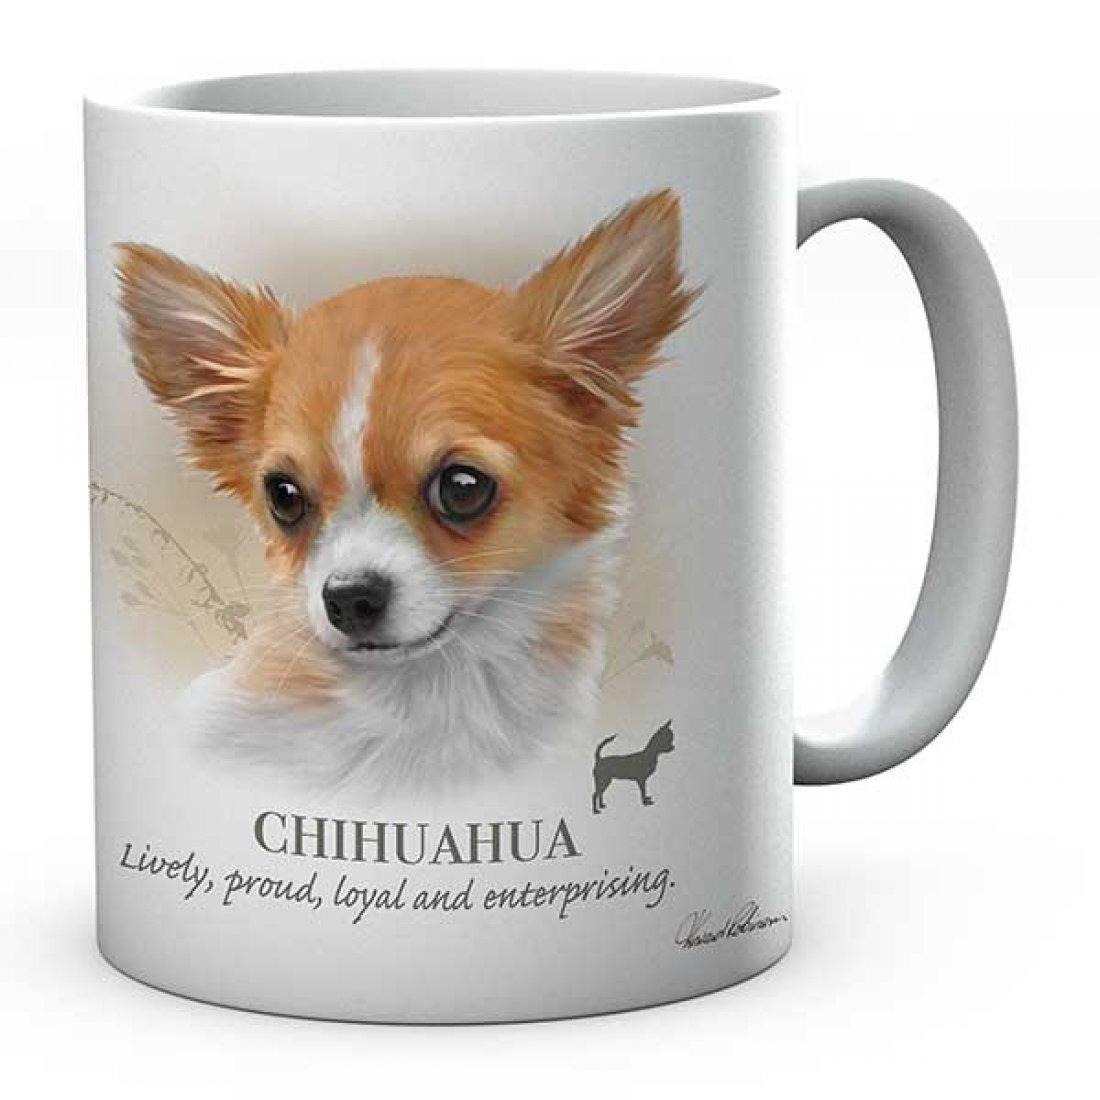 Personalised Chihuahua Dog Mug